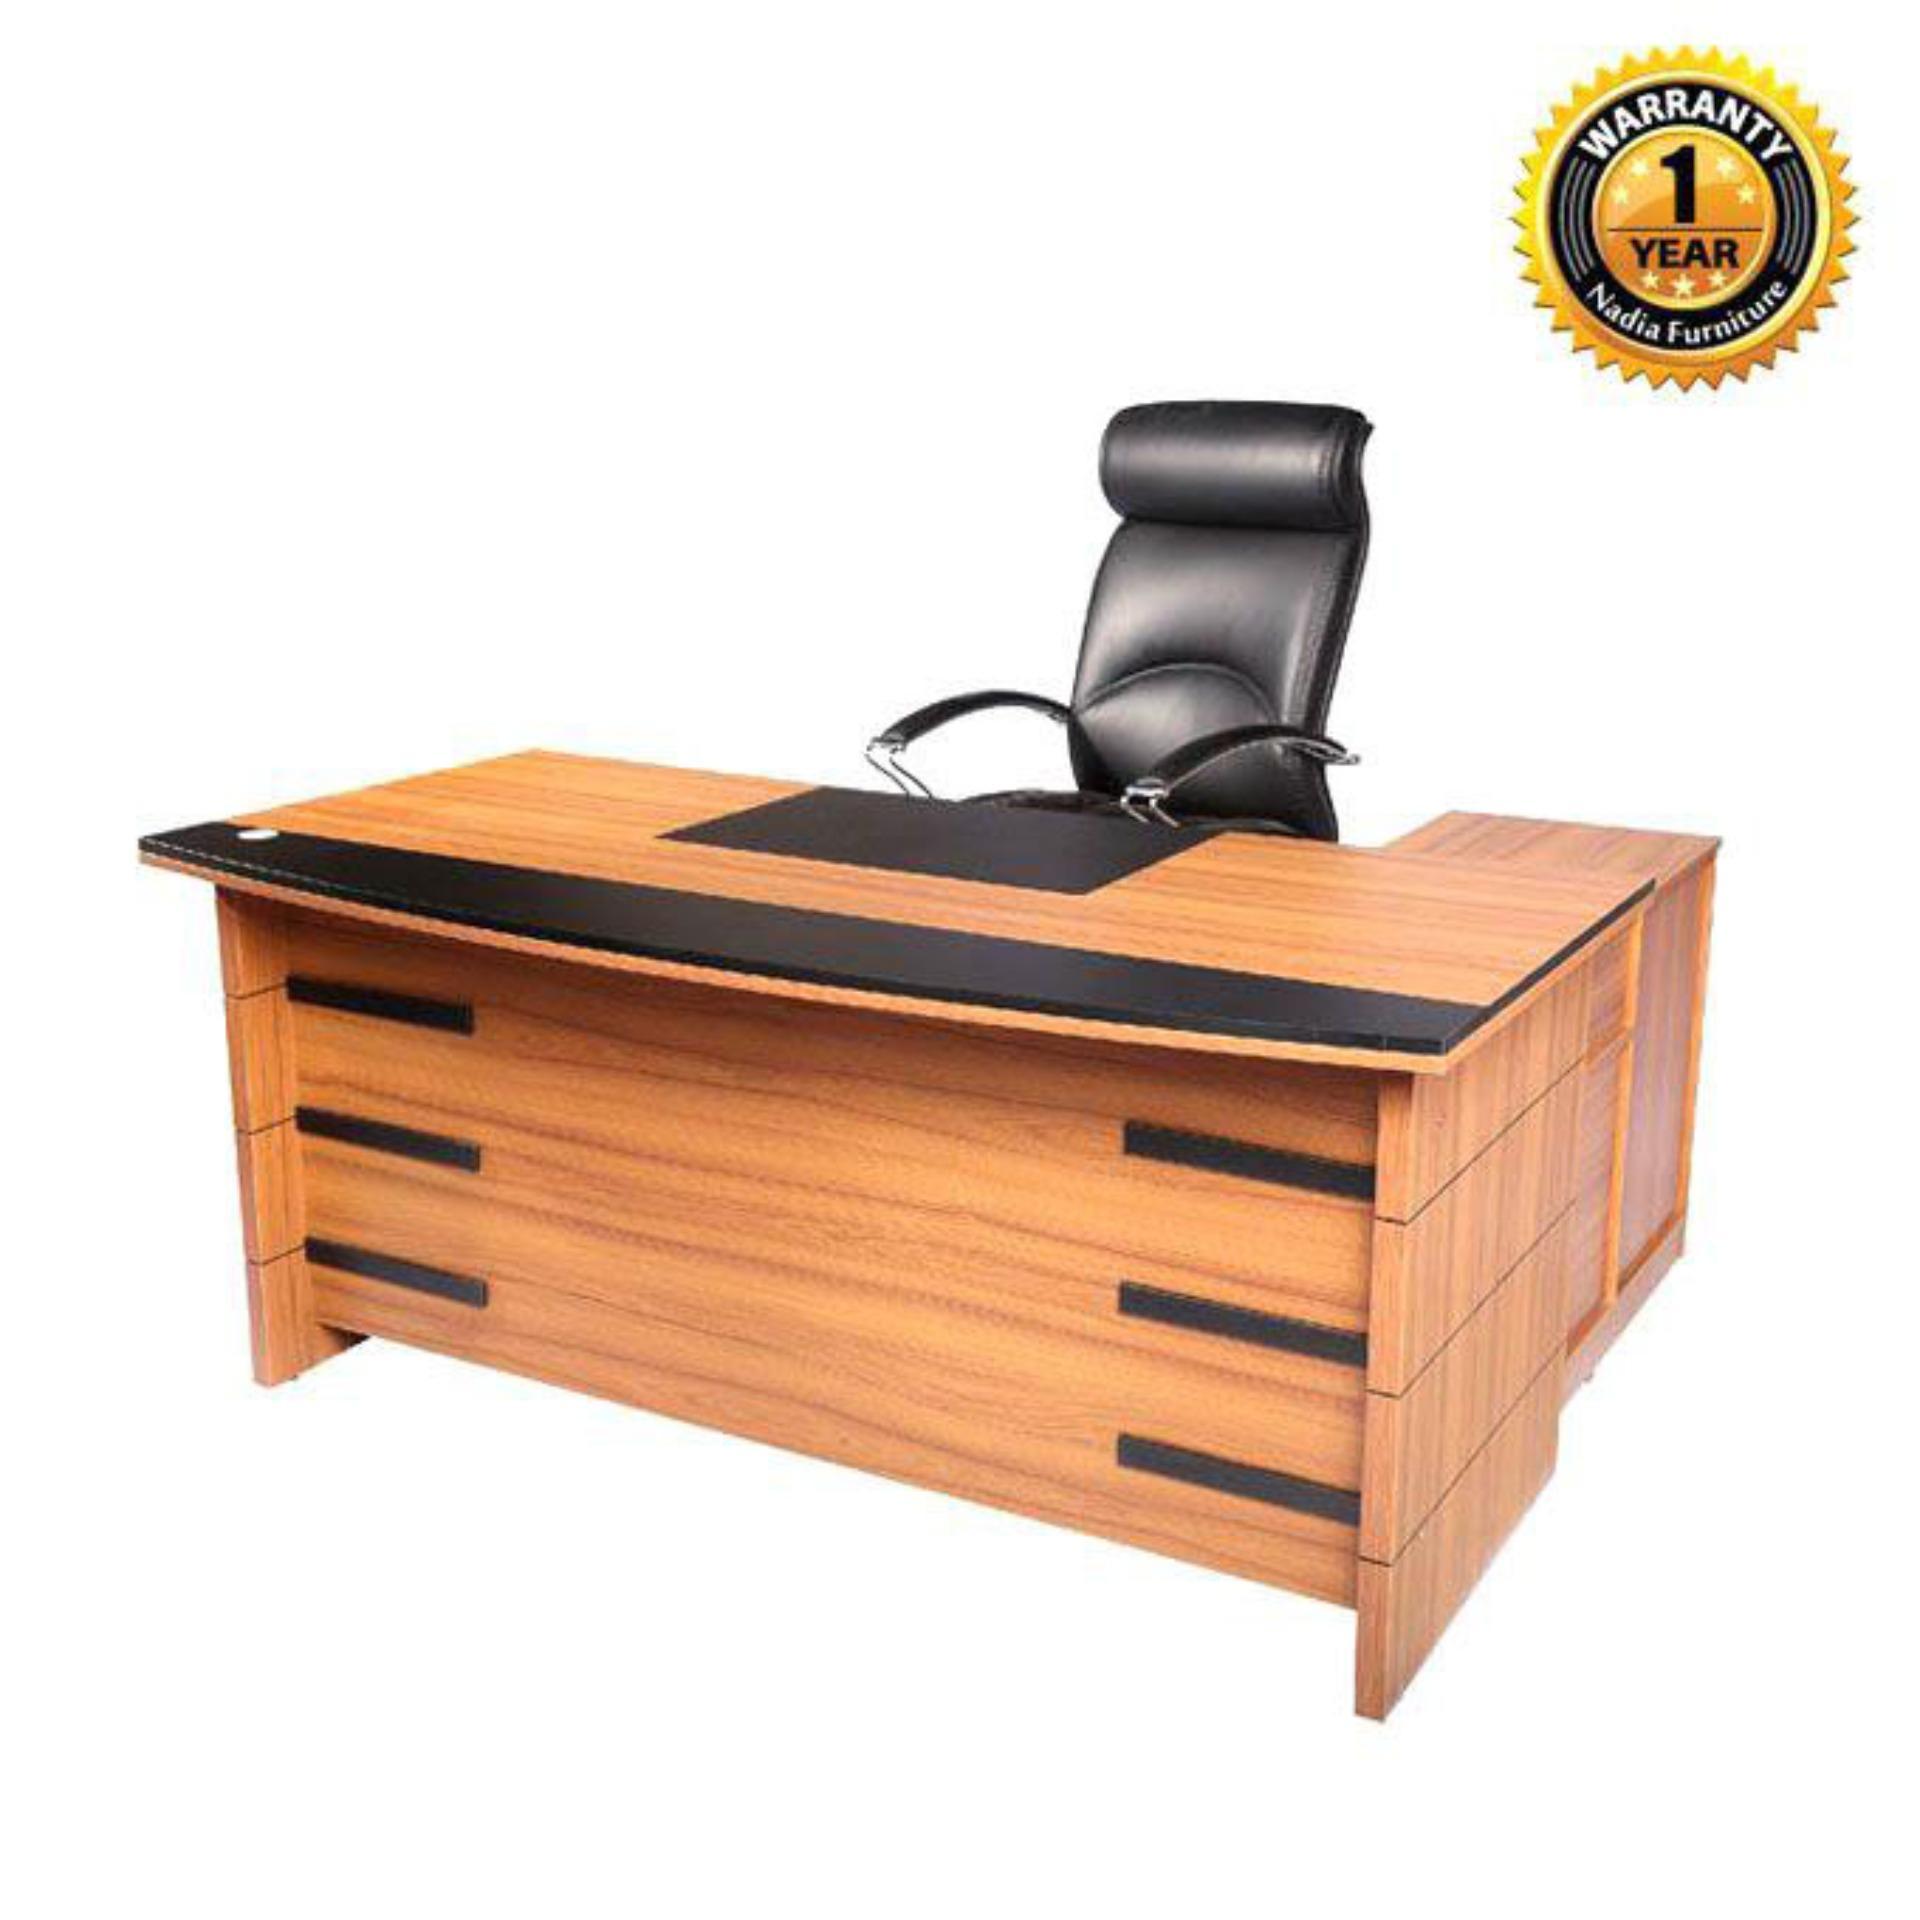 Nadia Furniture In Bangladesh At Best Price Daraz Com Bd